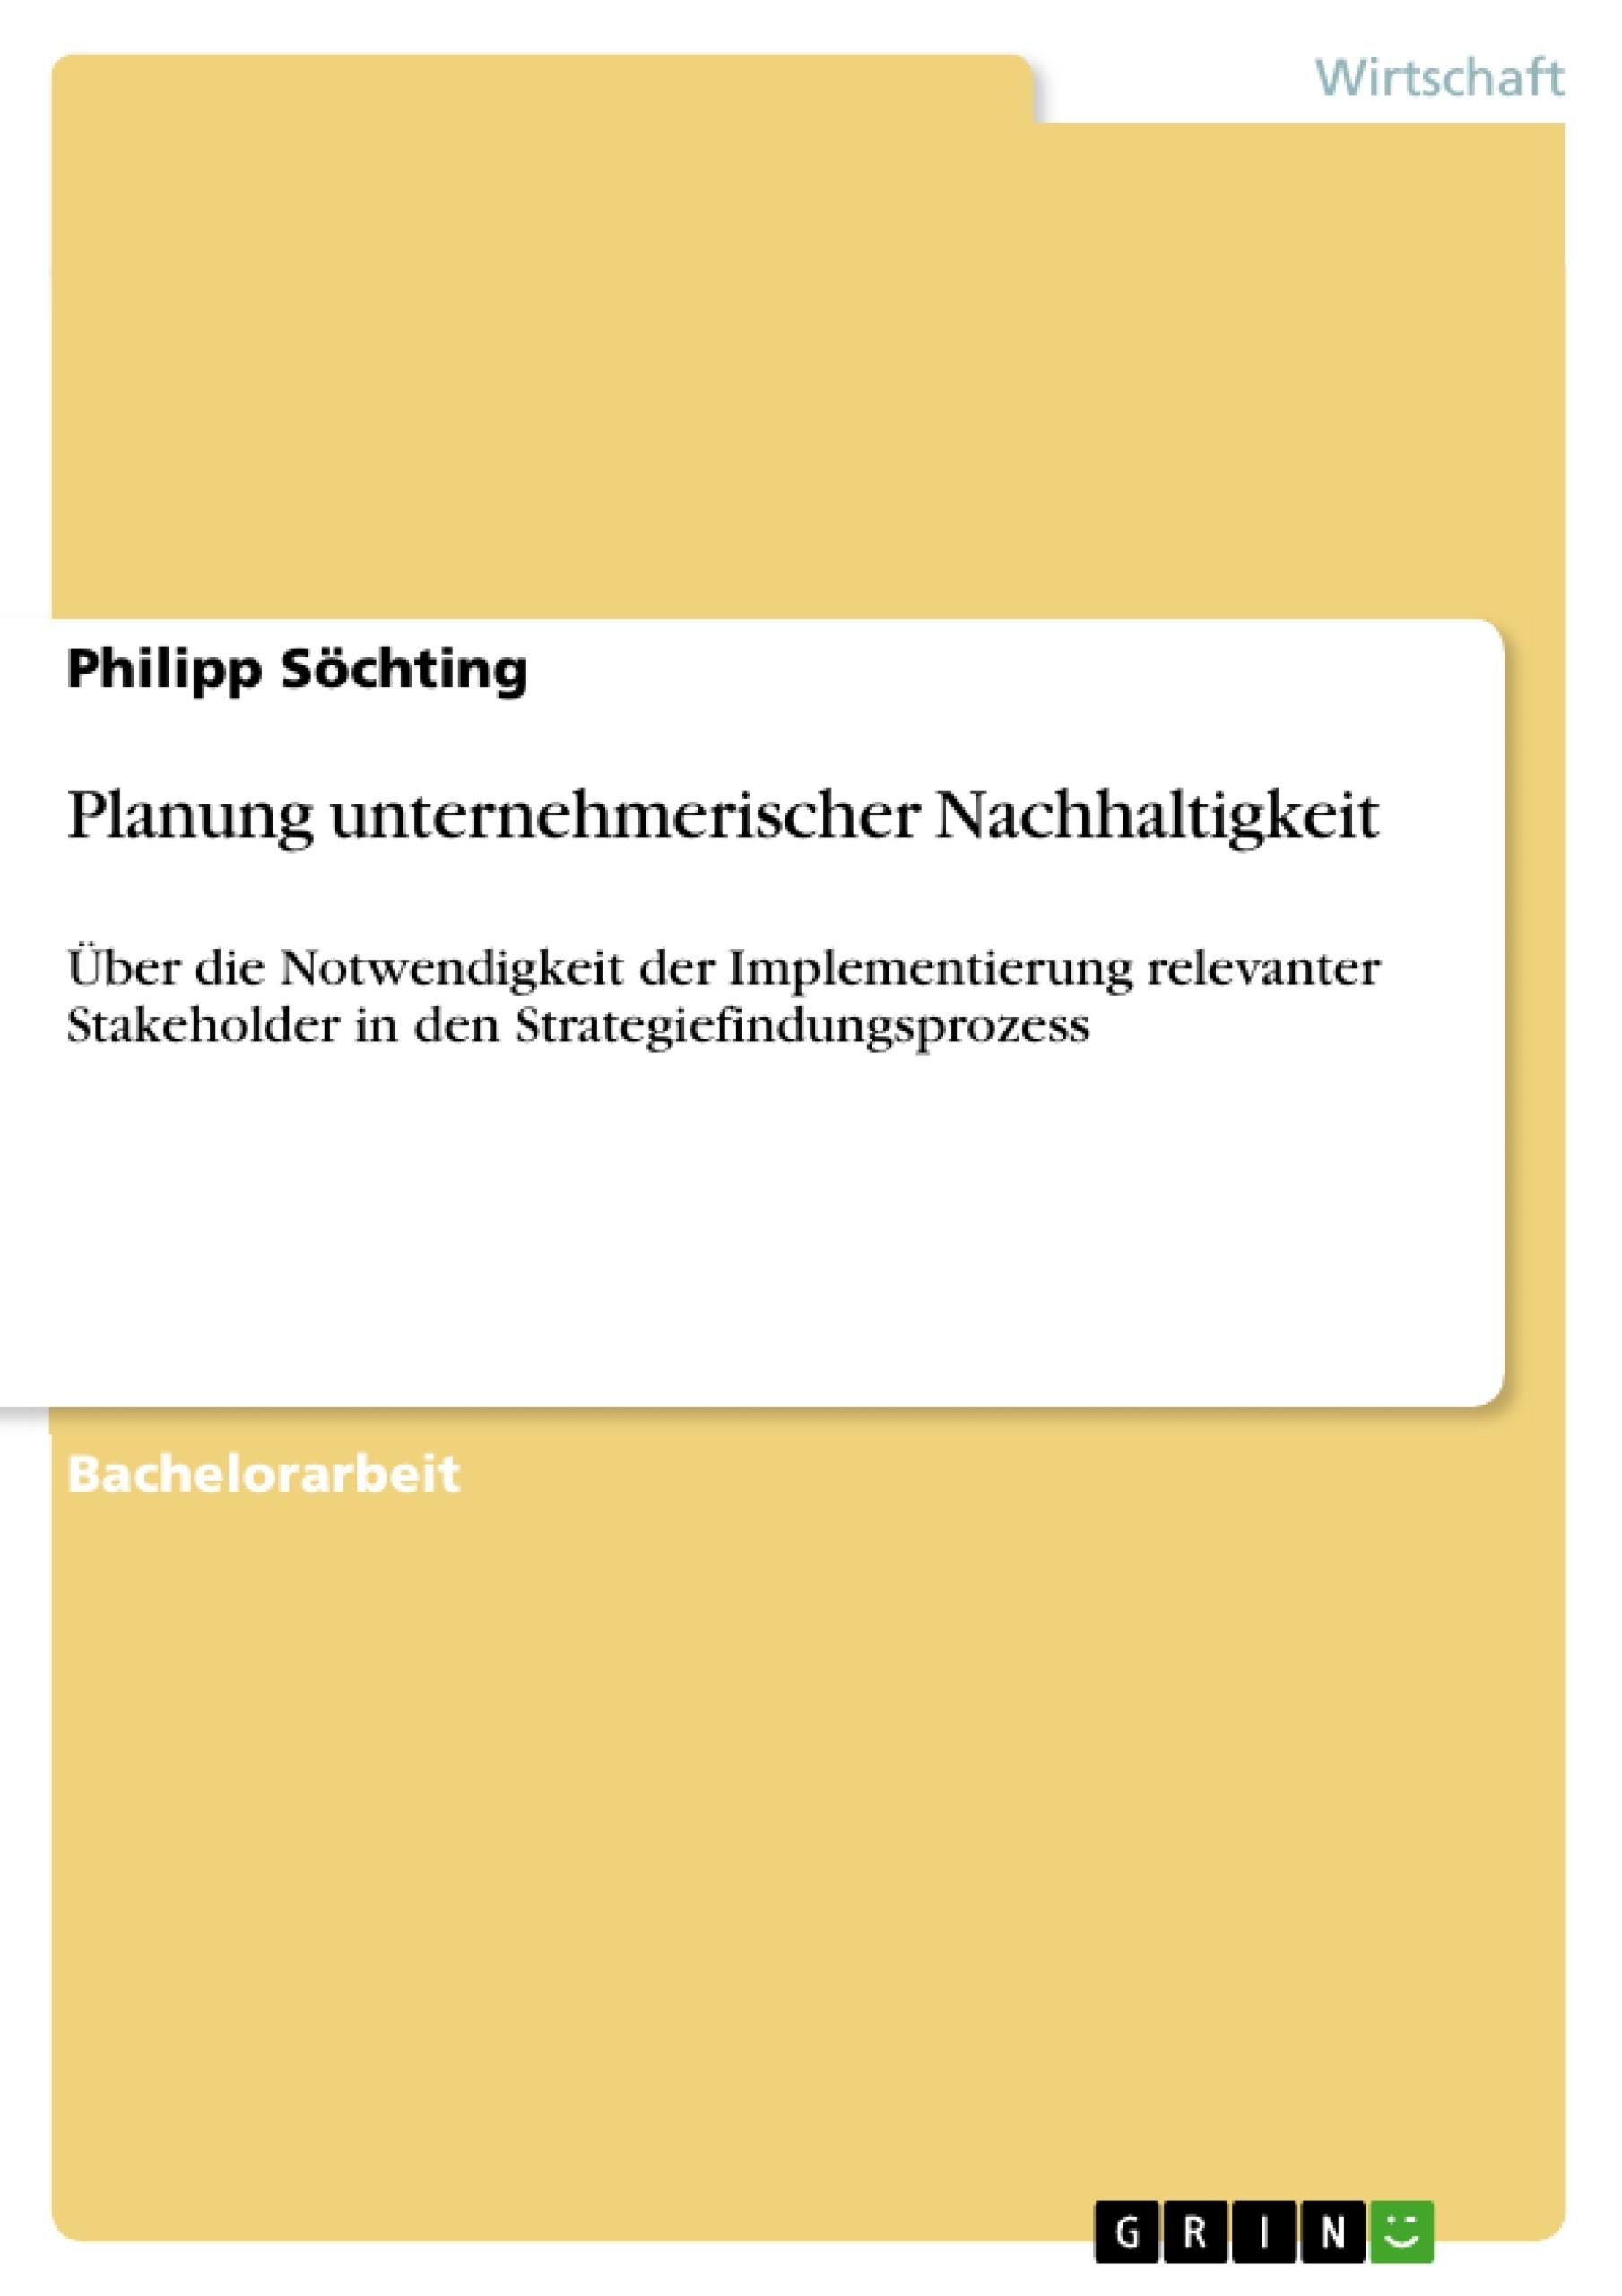 Titel: Planung unternehmerischer Nachhaltigkeit